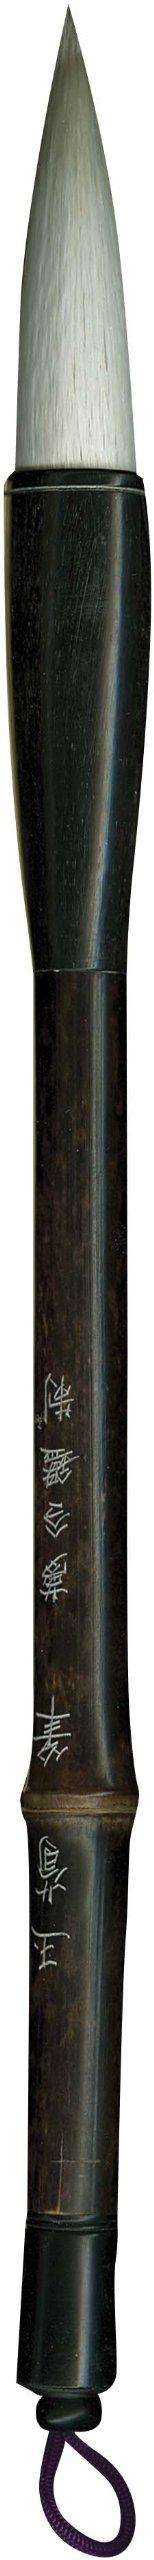 Connoisseur Jade Bamboo Magic Brush